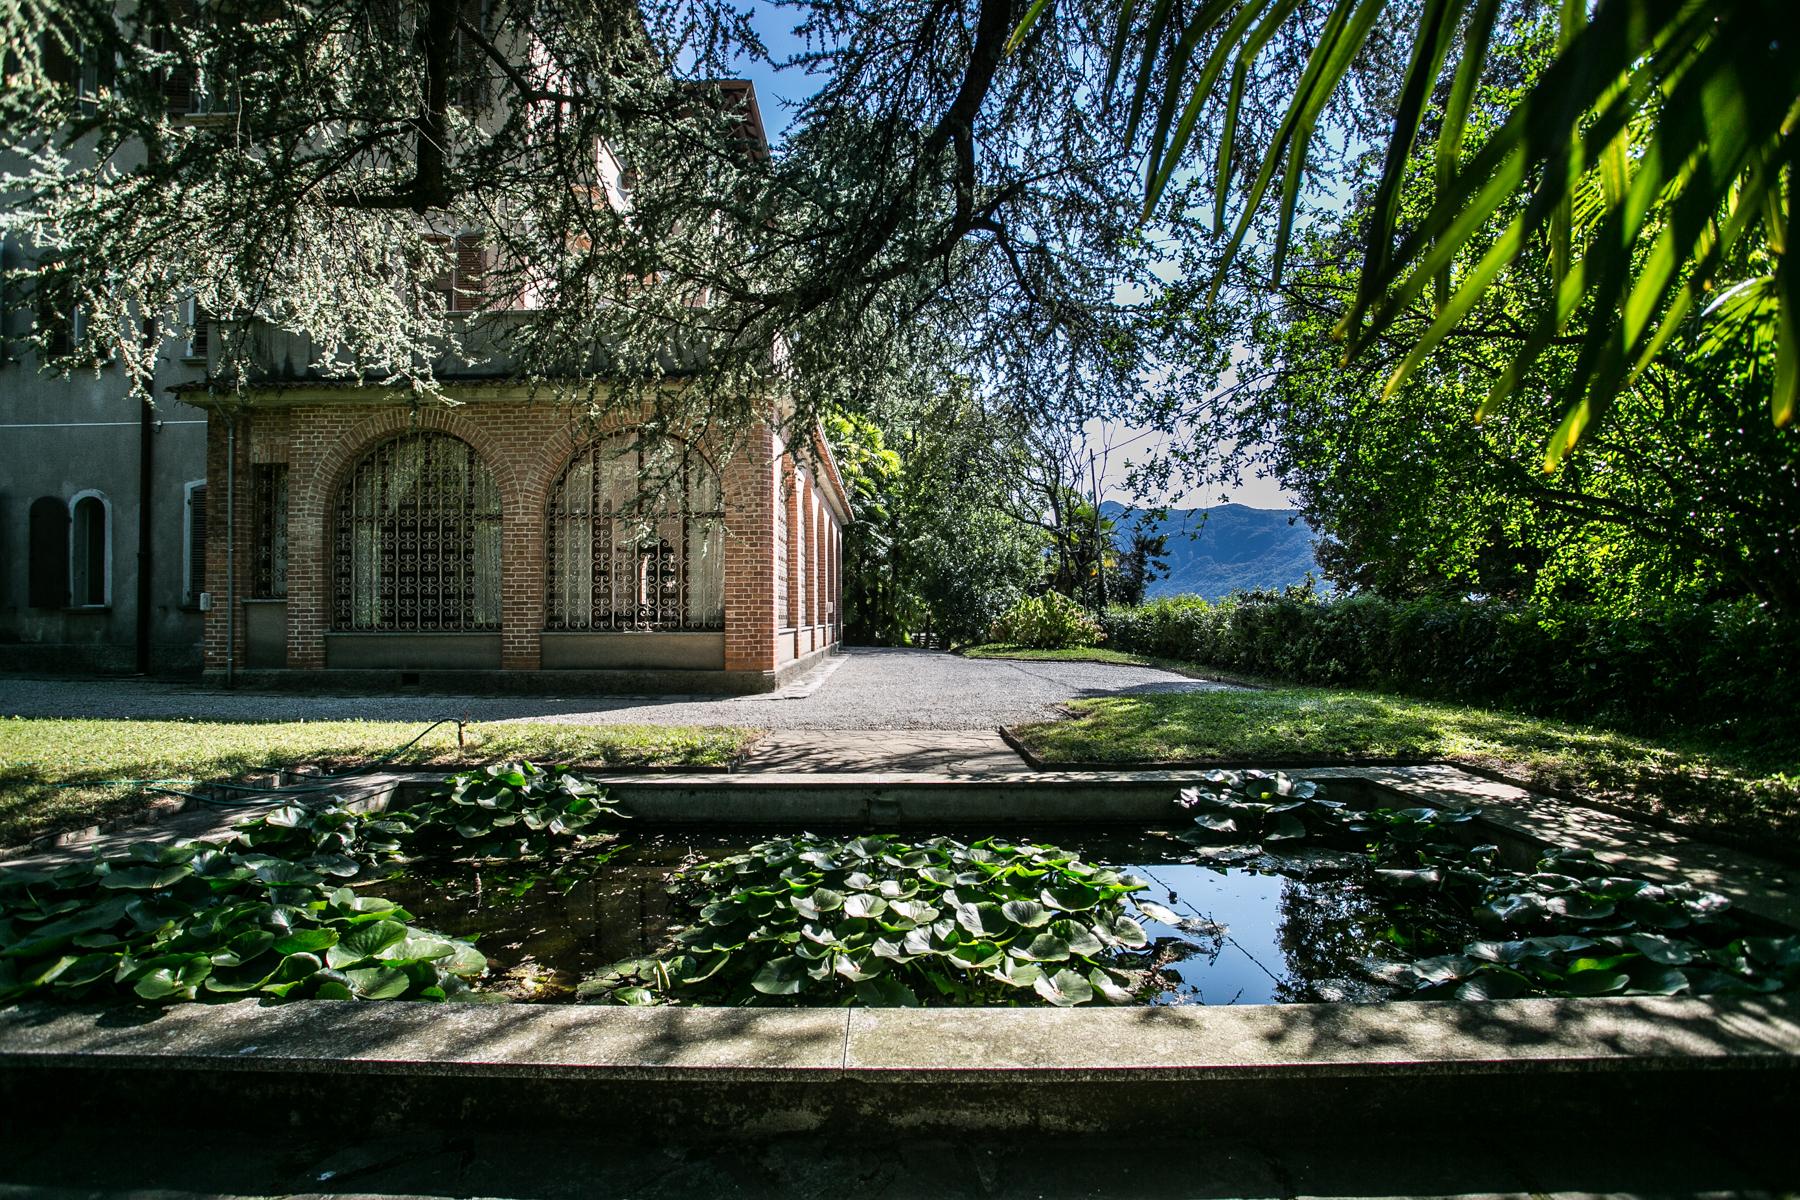 Villa di lusso in vendita a lierna via ducale trovocasa for Case in vendita svizzera italiana